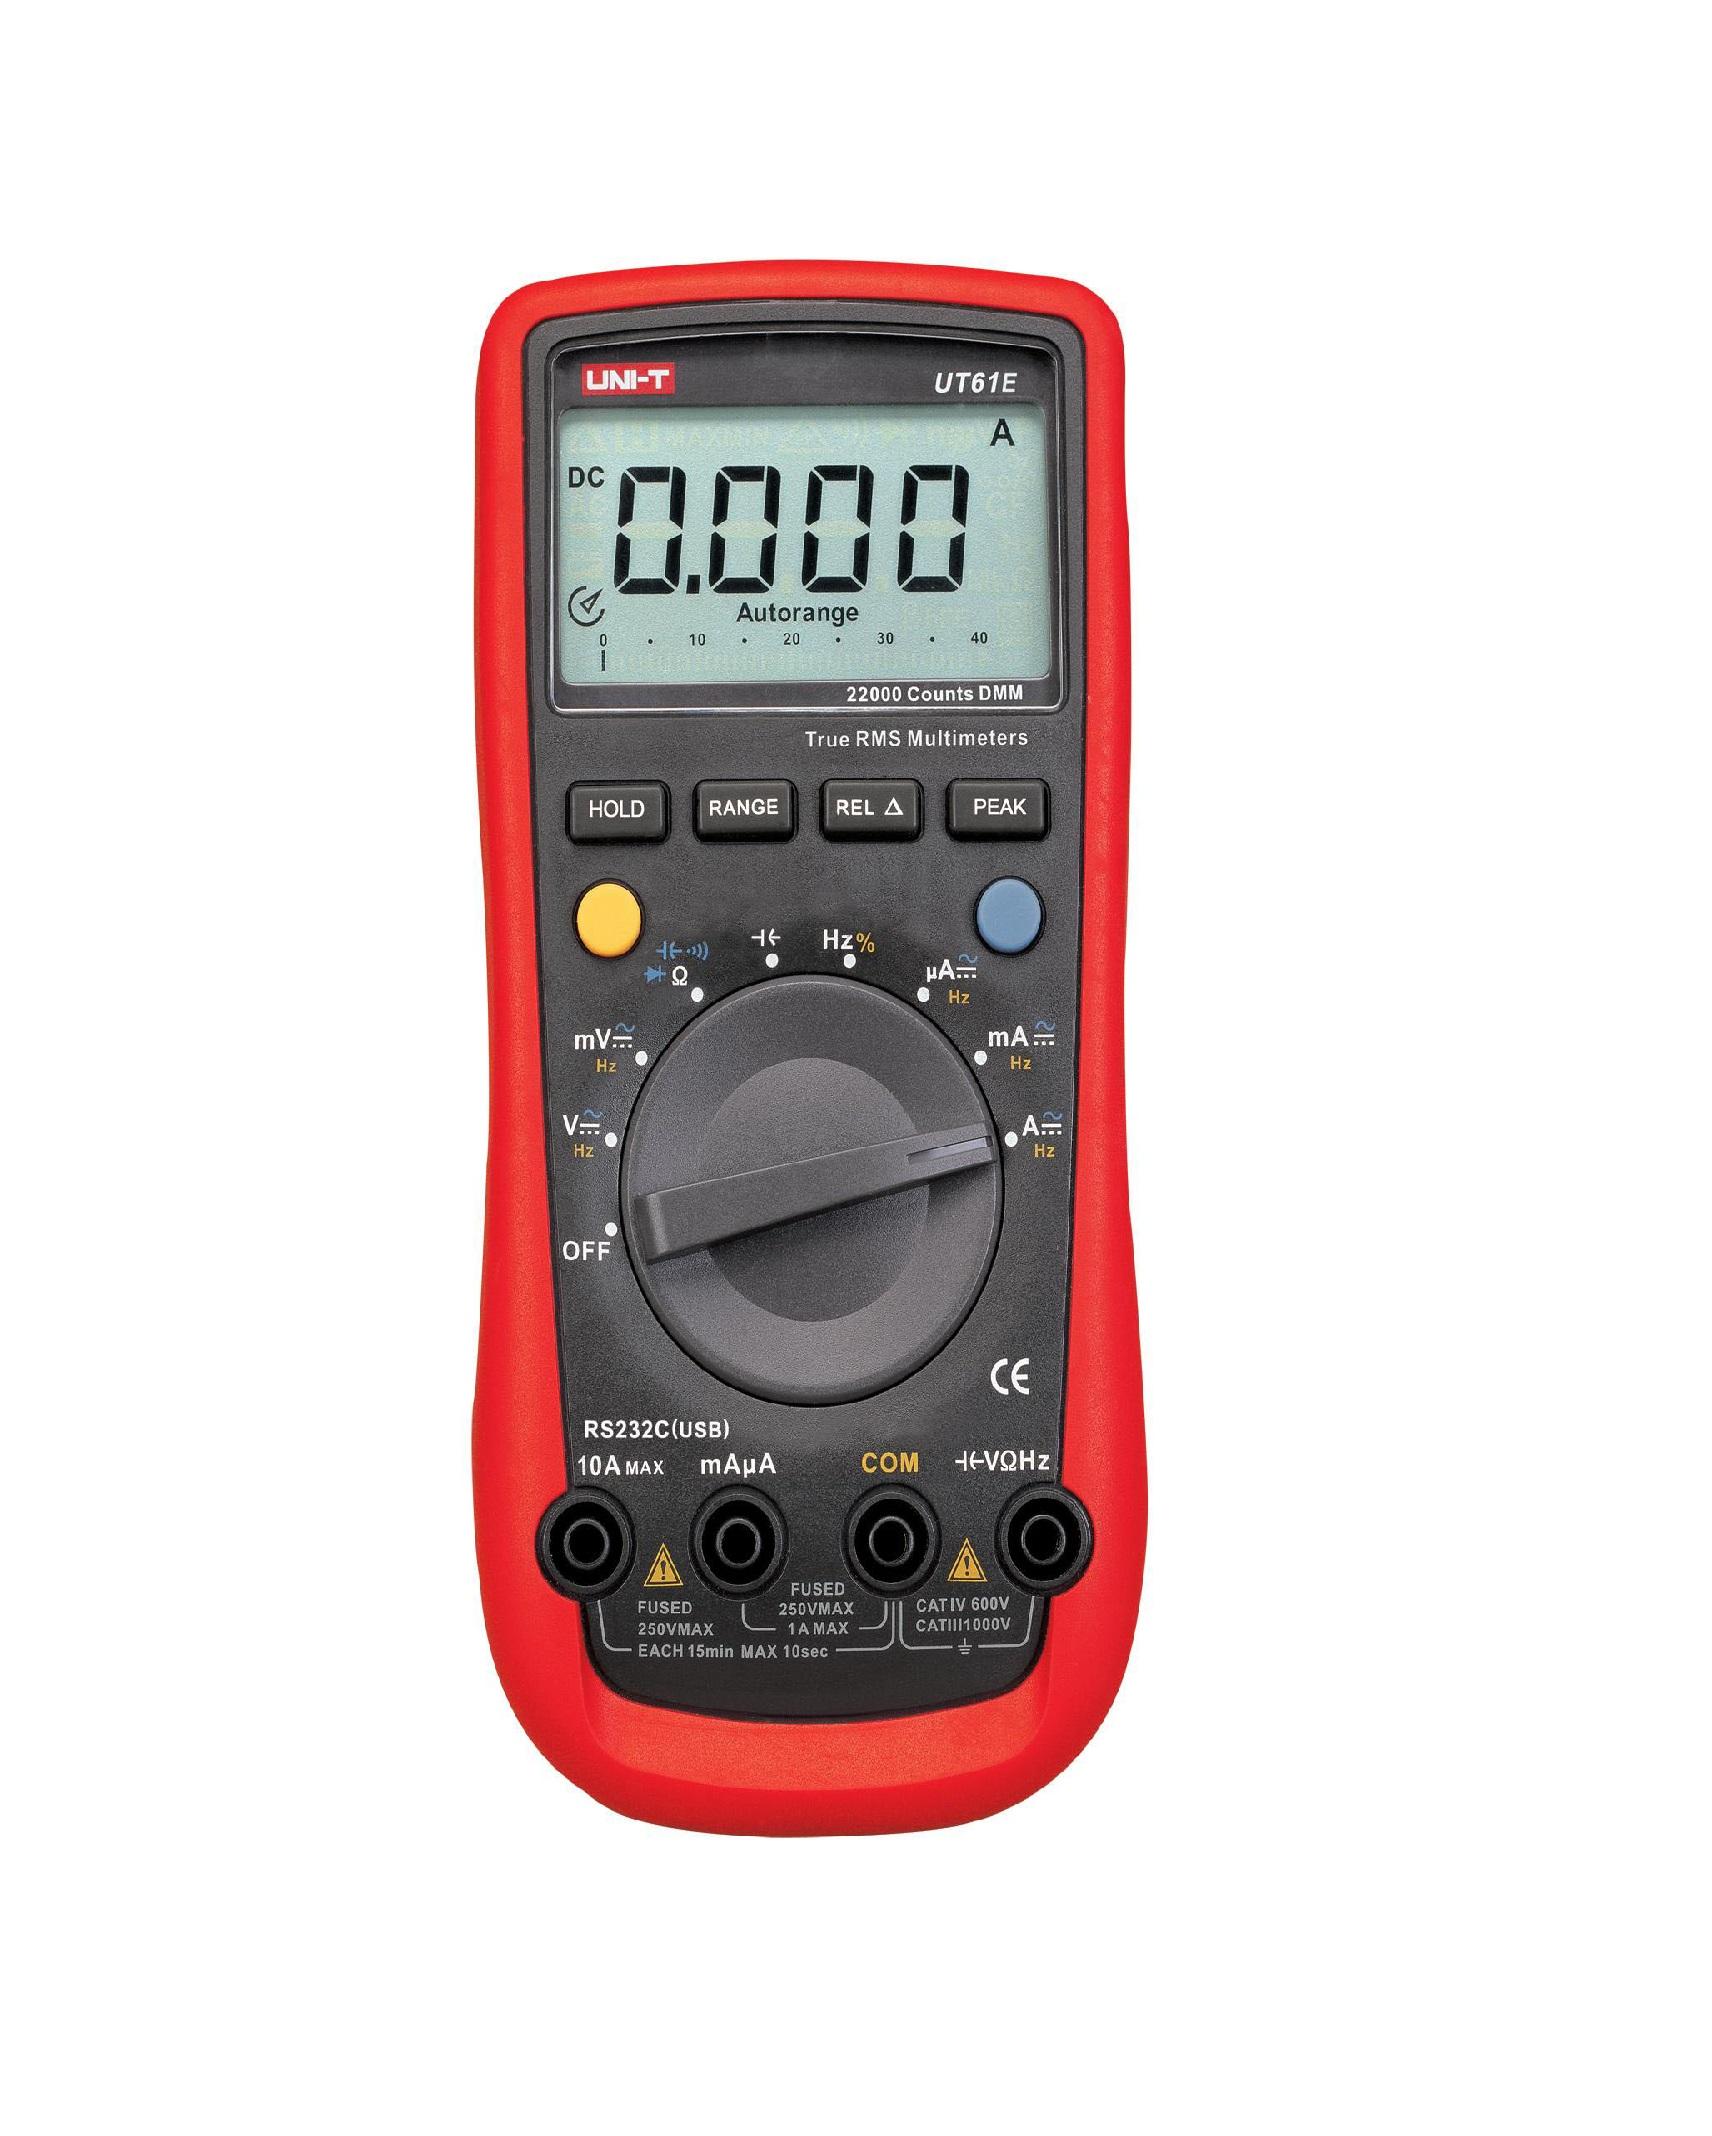 Uni_T_UT61E_Industrial Multuimeters_Digital Multimeter 600MV-1000V